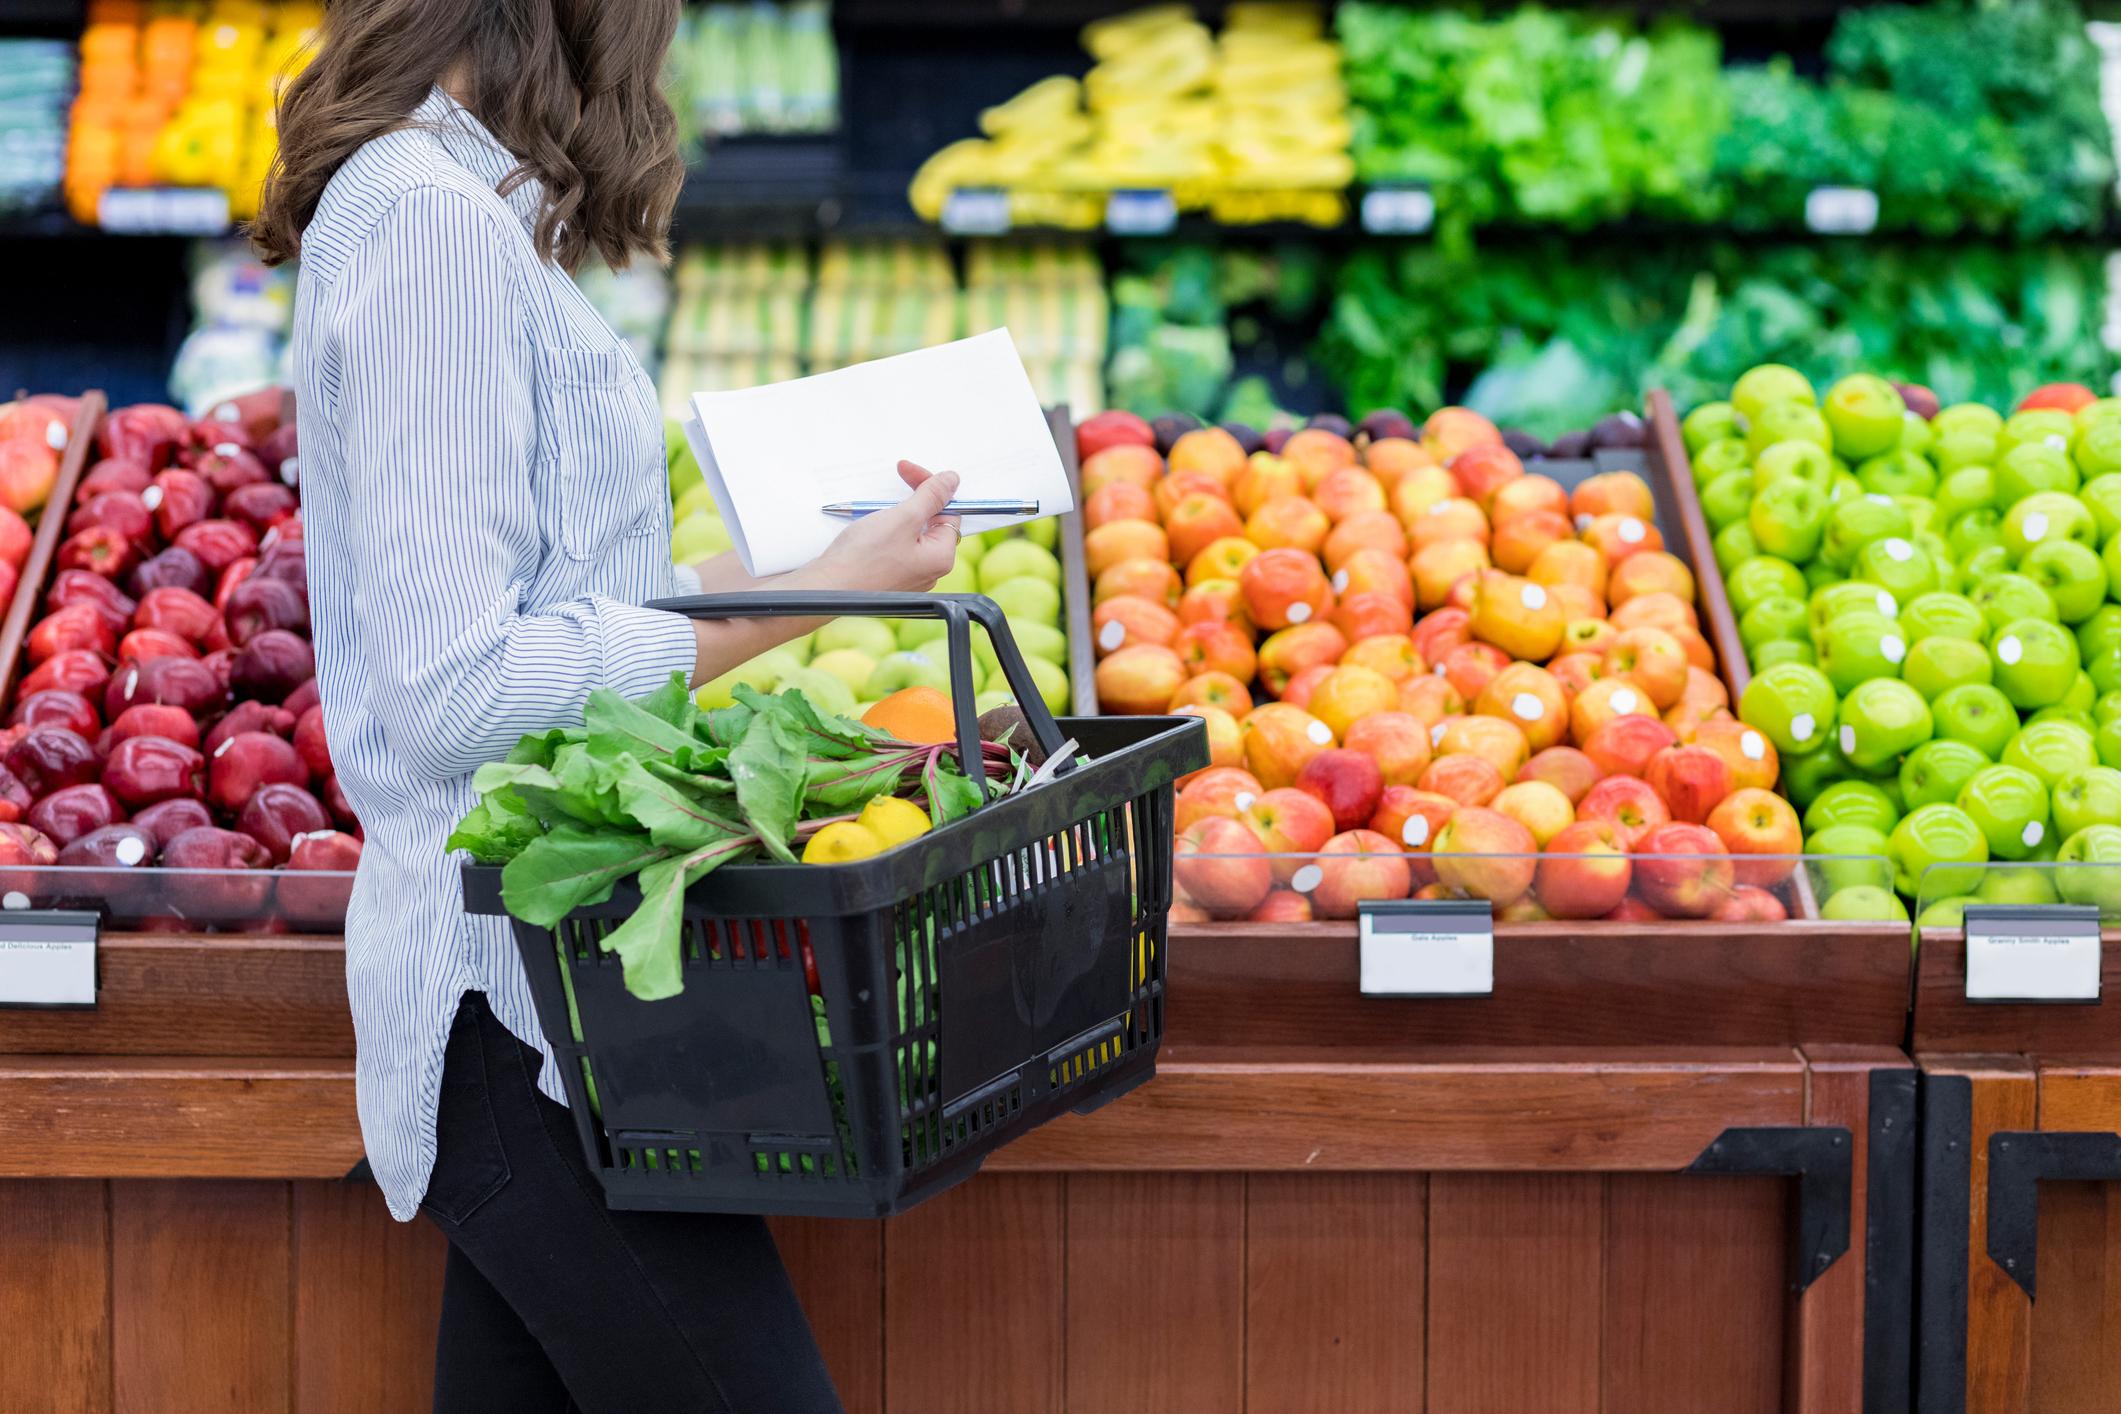 Adelaide Hills Fruit & Veg Market